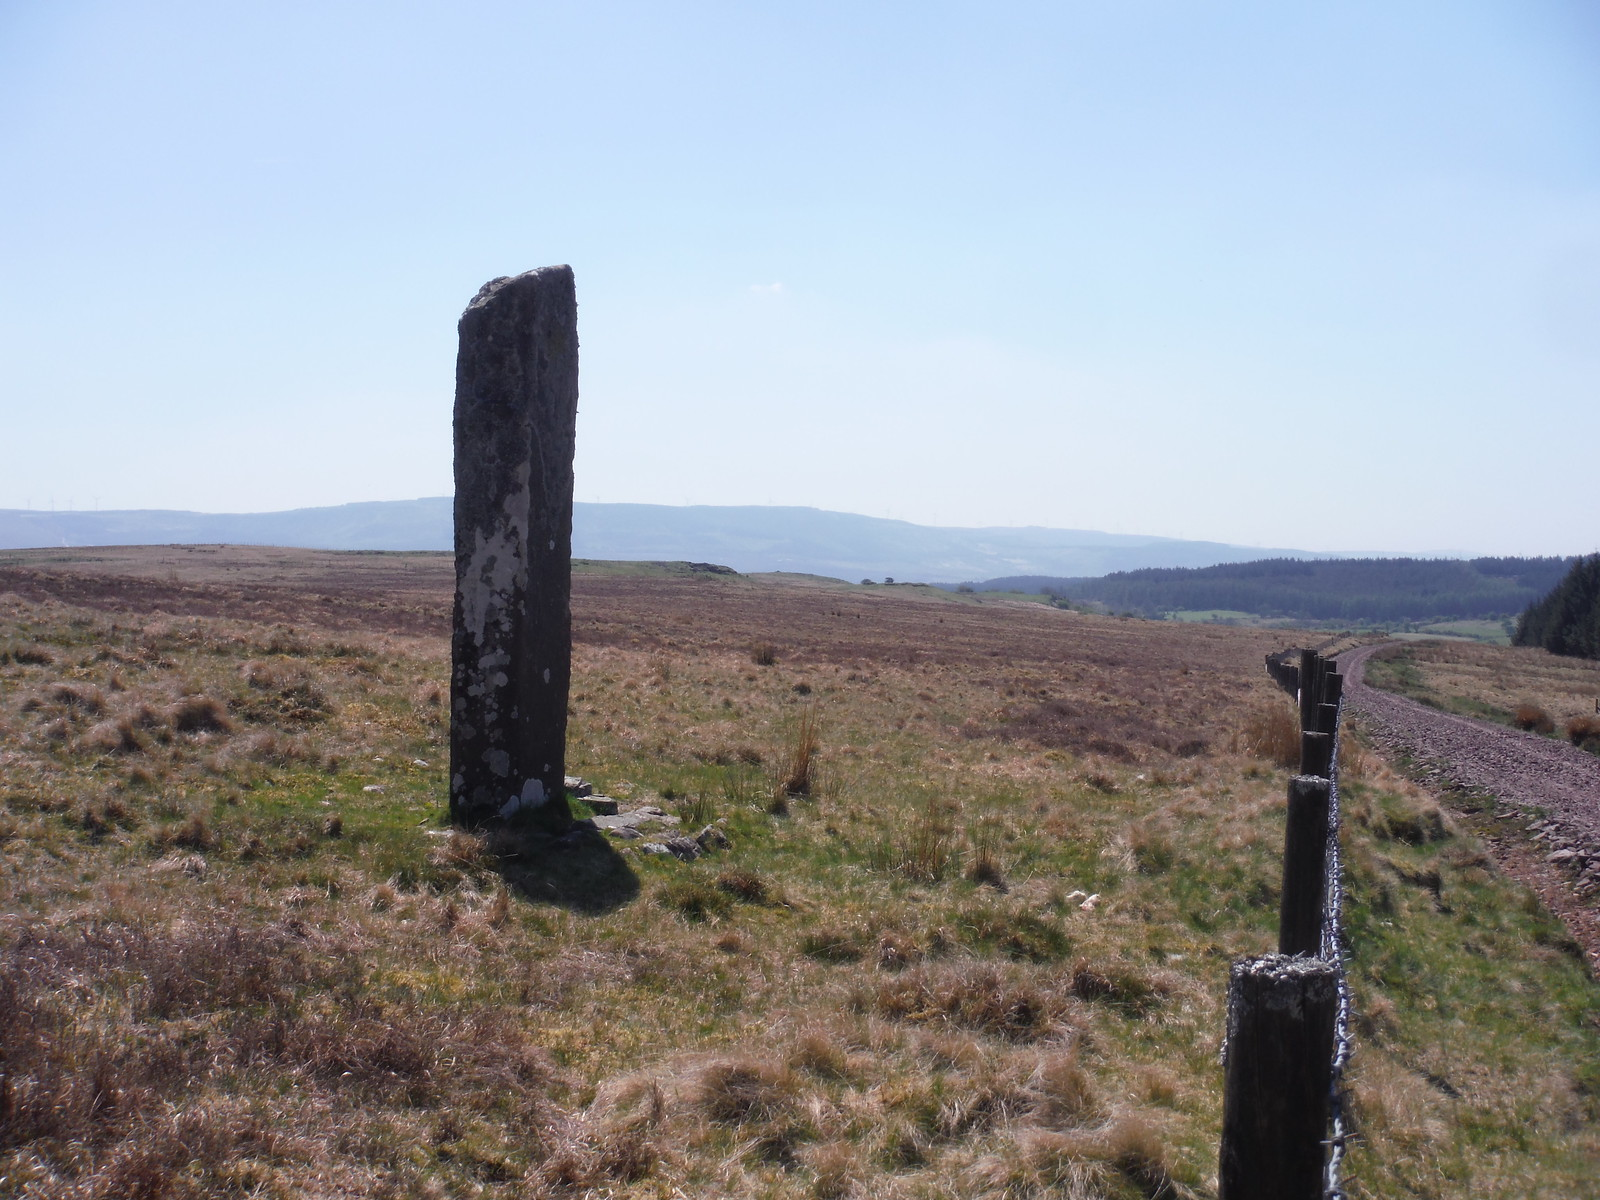 Maen Madoc, by Sarn Helen Roman Road SWC Walk 307 - Fforest Fawr Traverse (Craig y Nos to Llwyn-y-celyn) [Beacons Way Route]